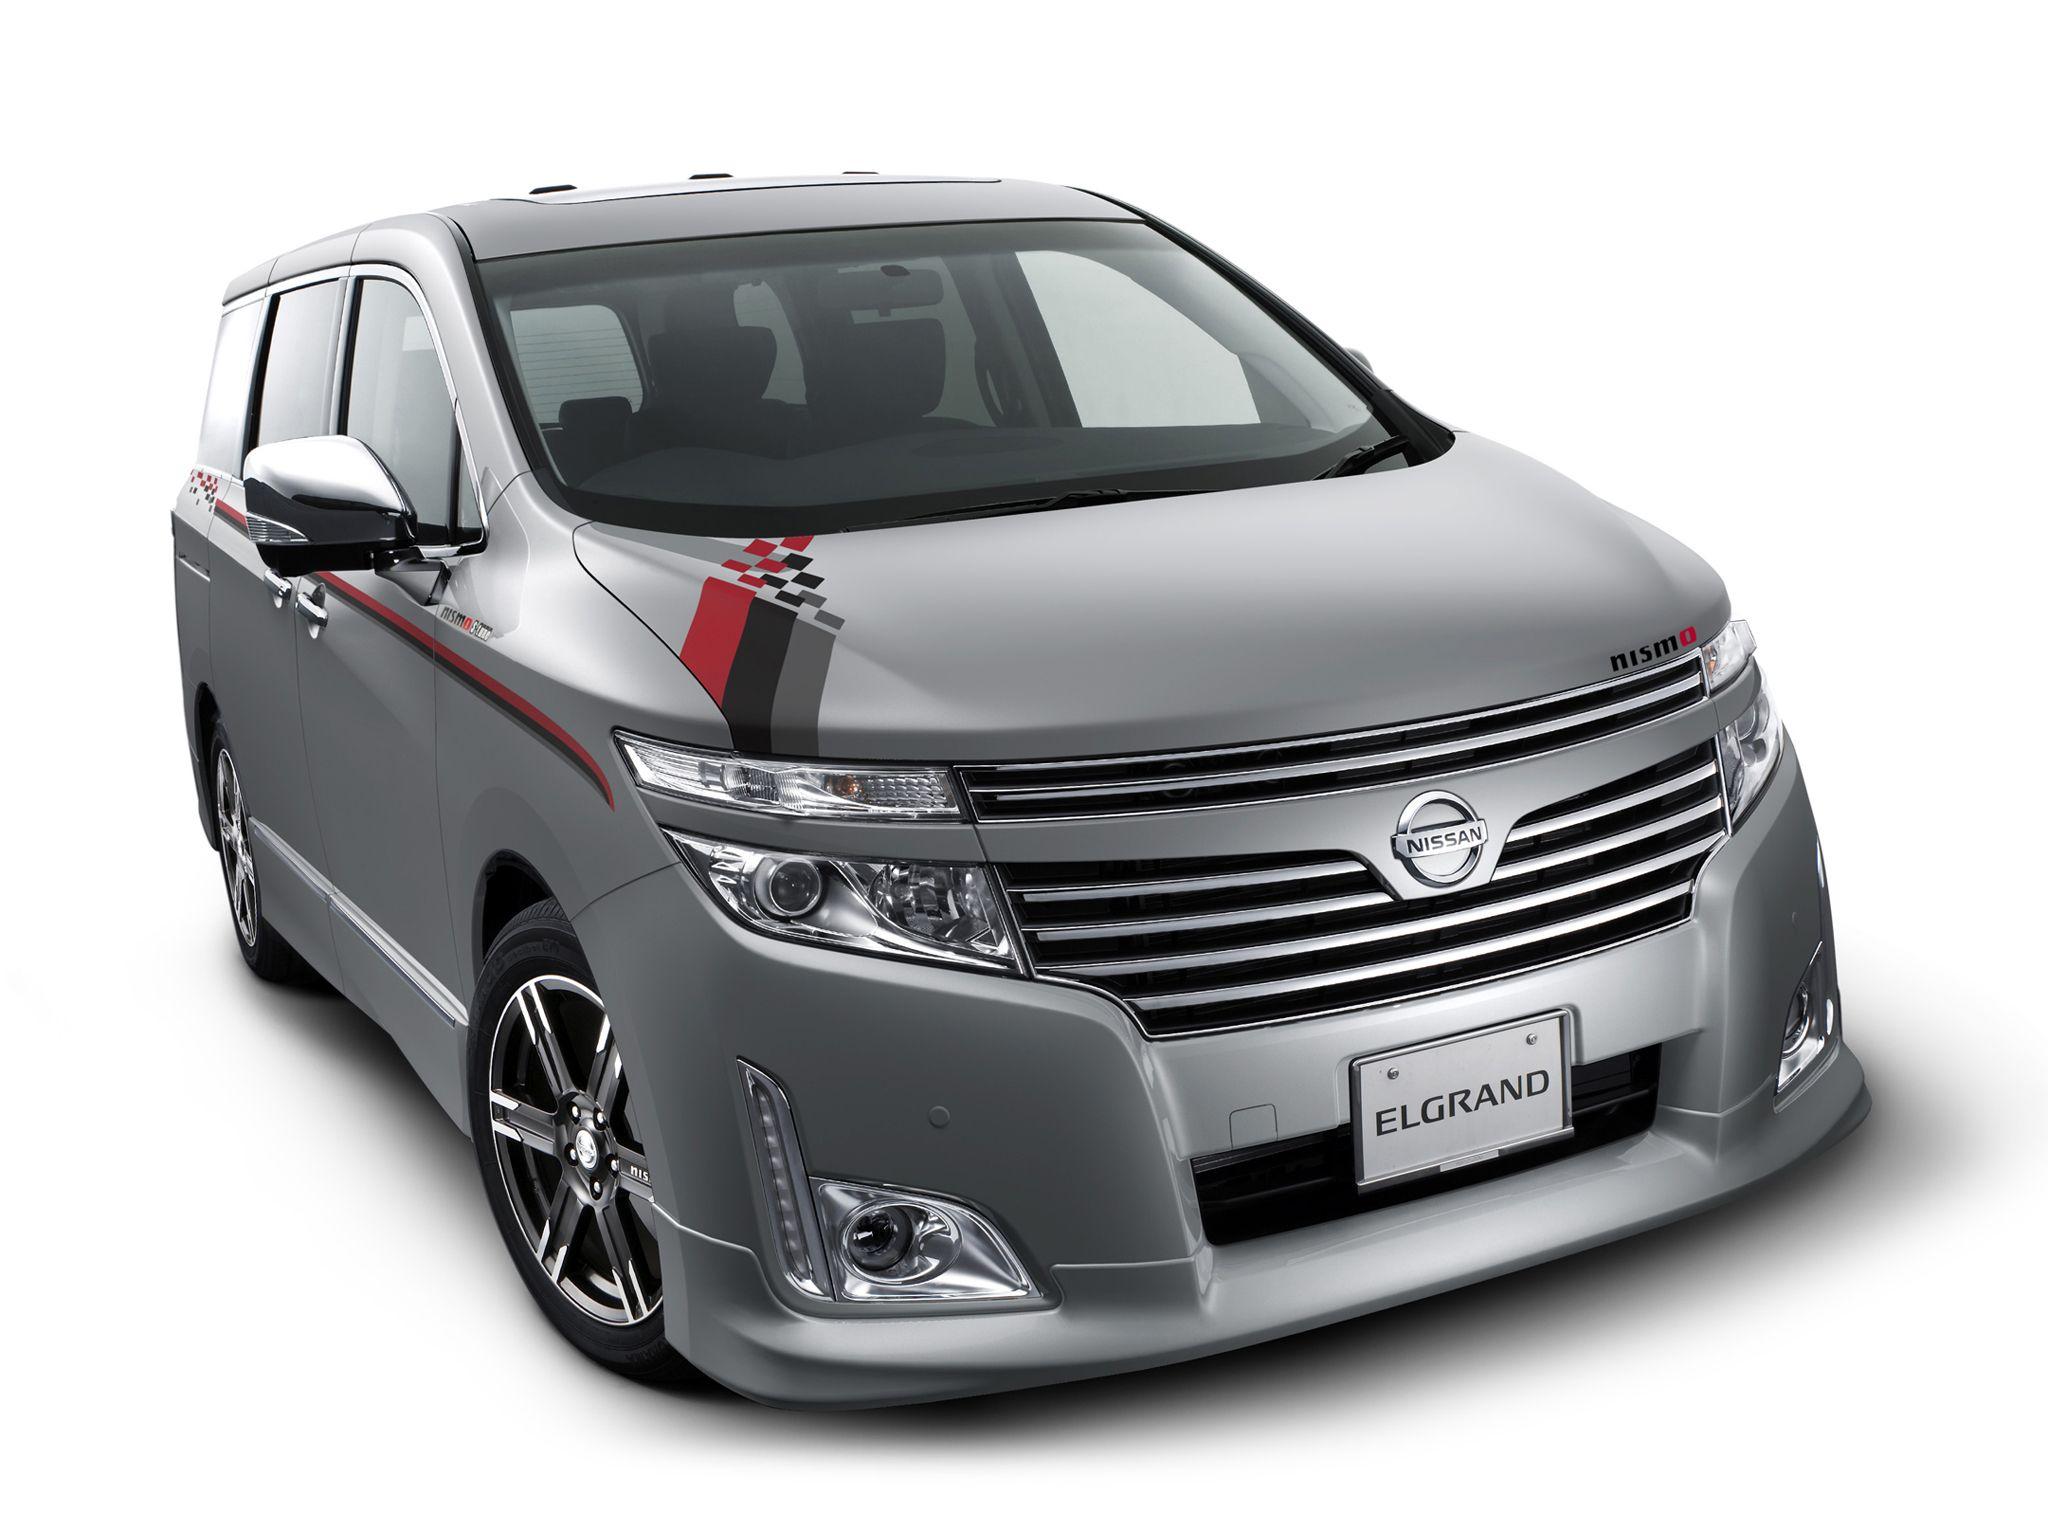 #Nissan #Elgrand E52 #Nismo | Nissan elgrands | Pinterest ...